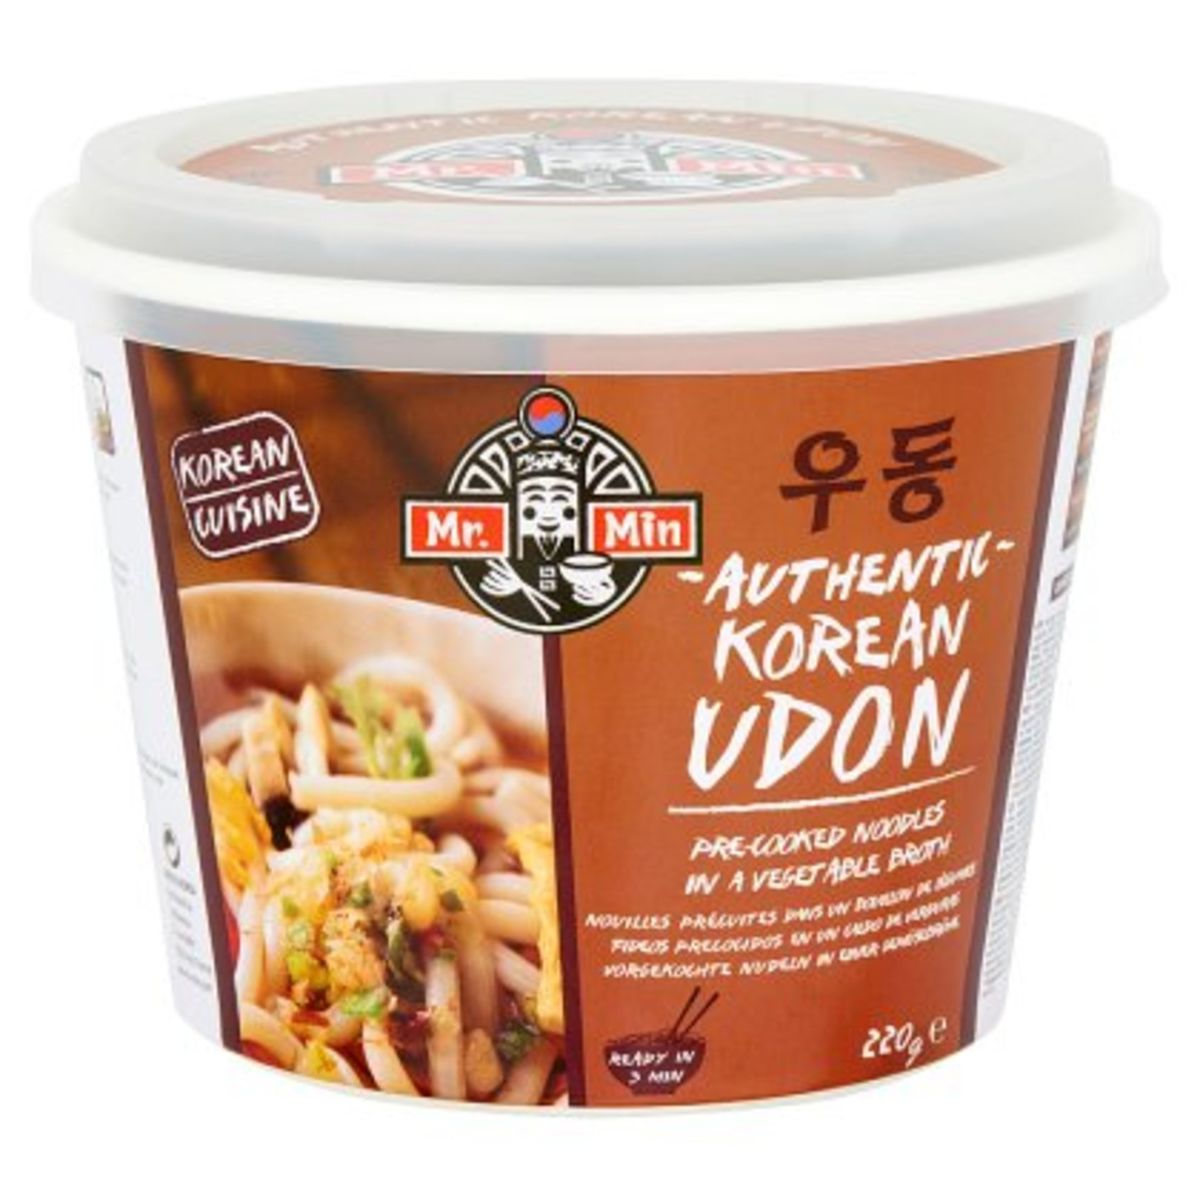 Mr. Min Authentic Korean Udon Noodles in Groenten Bouillon 220 g